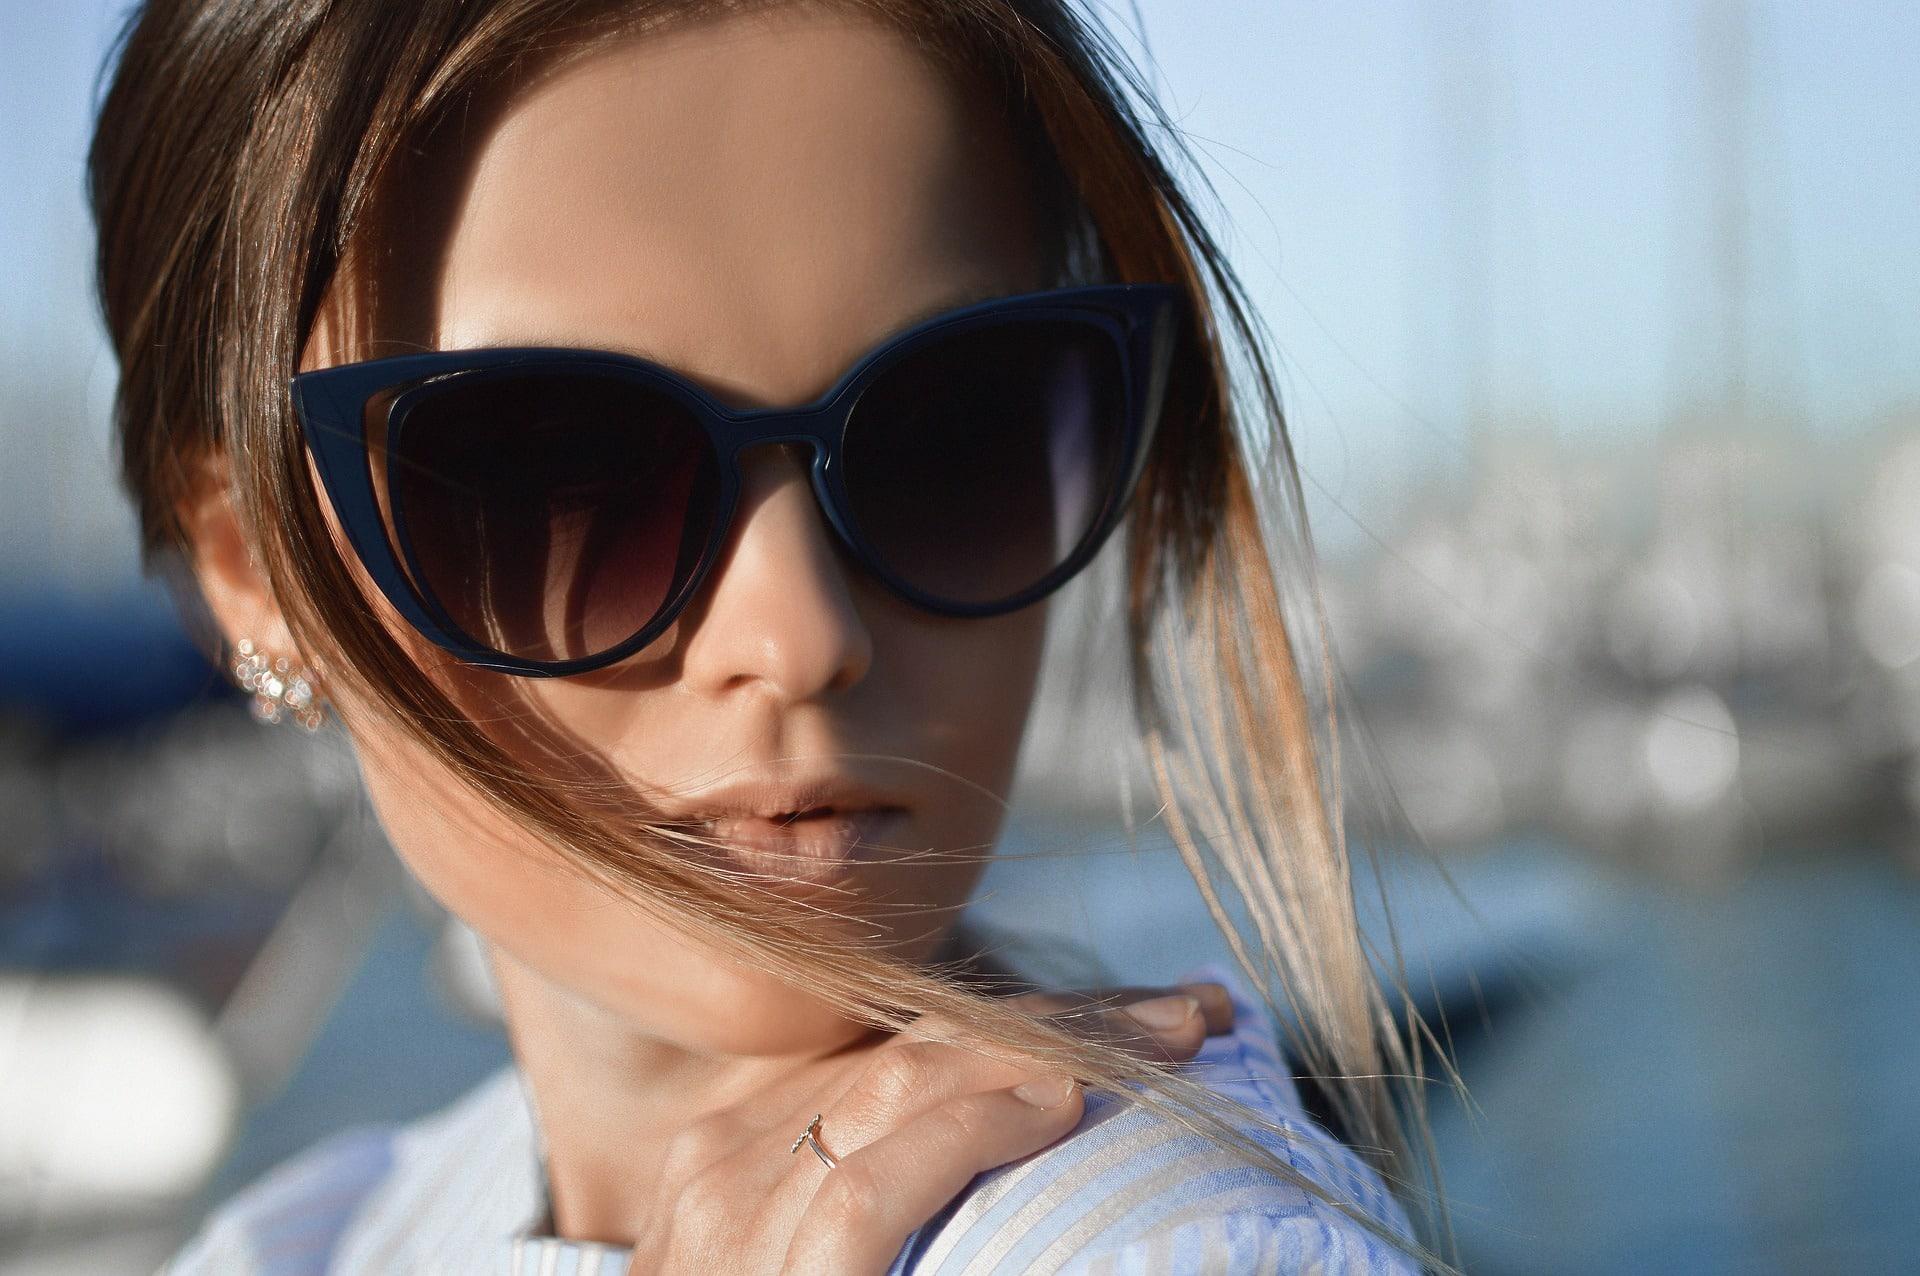 Sonnenbrille: Unverzichtbarer Schutz für die Augen